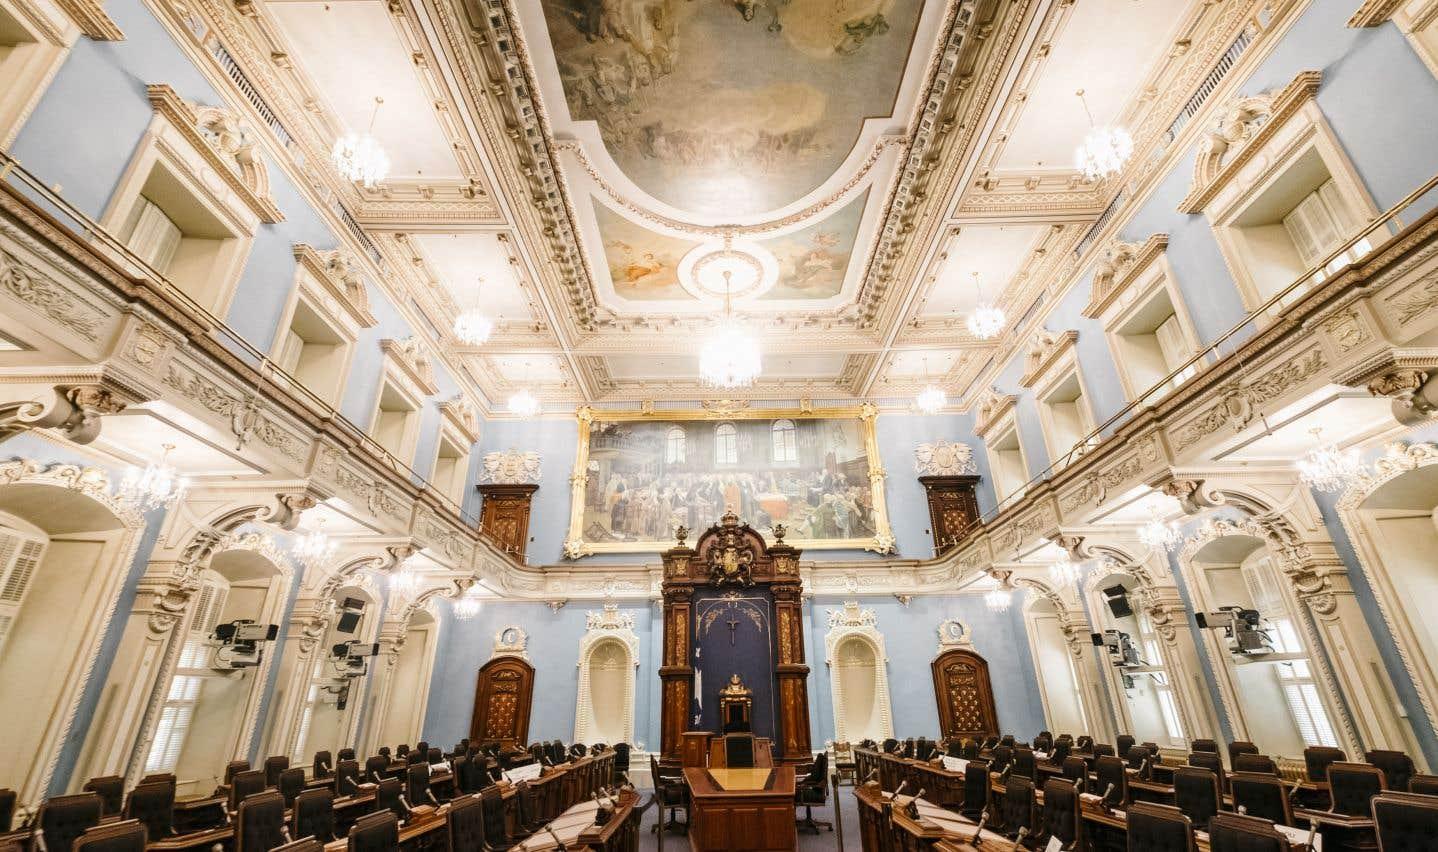 Le 8 avril 1886, les parlementaires font leur entrée au Salon bleu dont les murs sont verts jusqu'en 1978. Ils sont alors repeints pour améliorer la télédiffusion des débats.